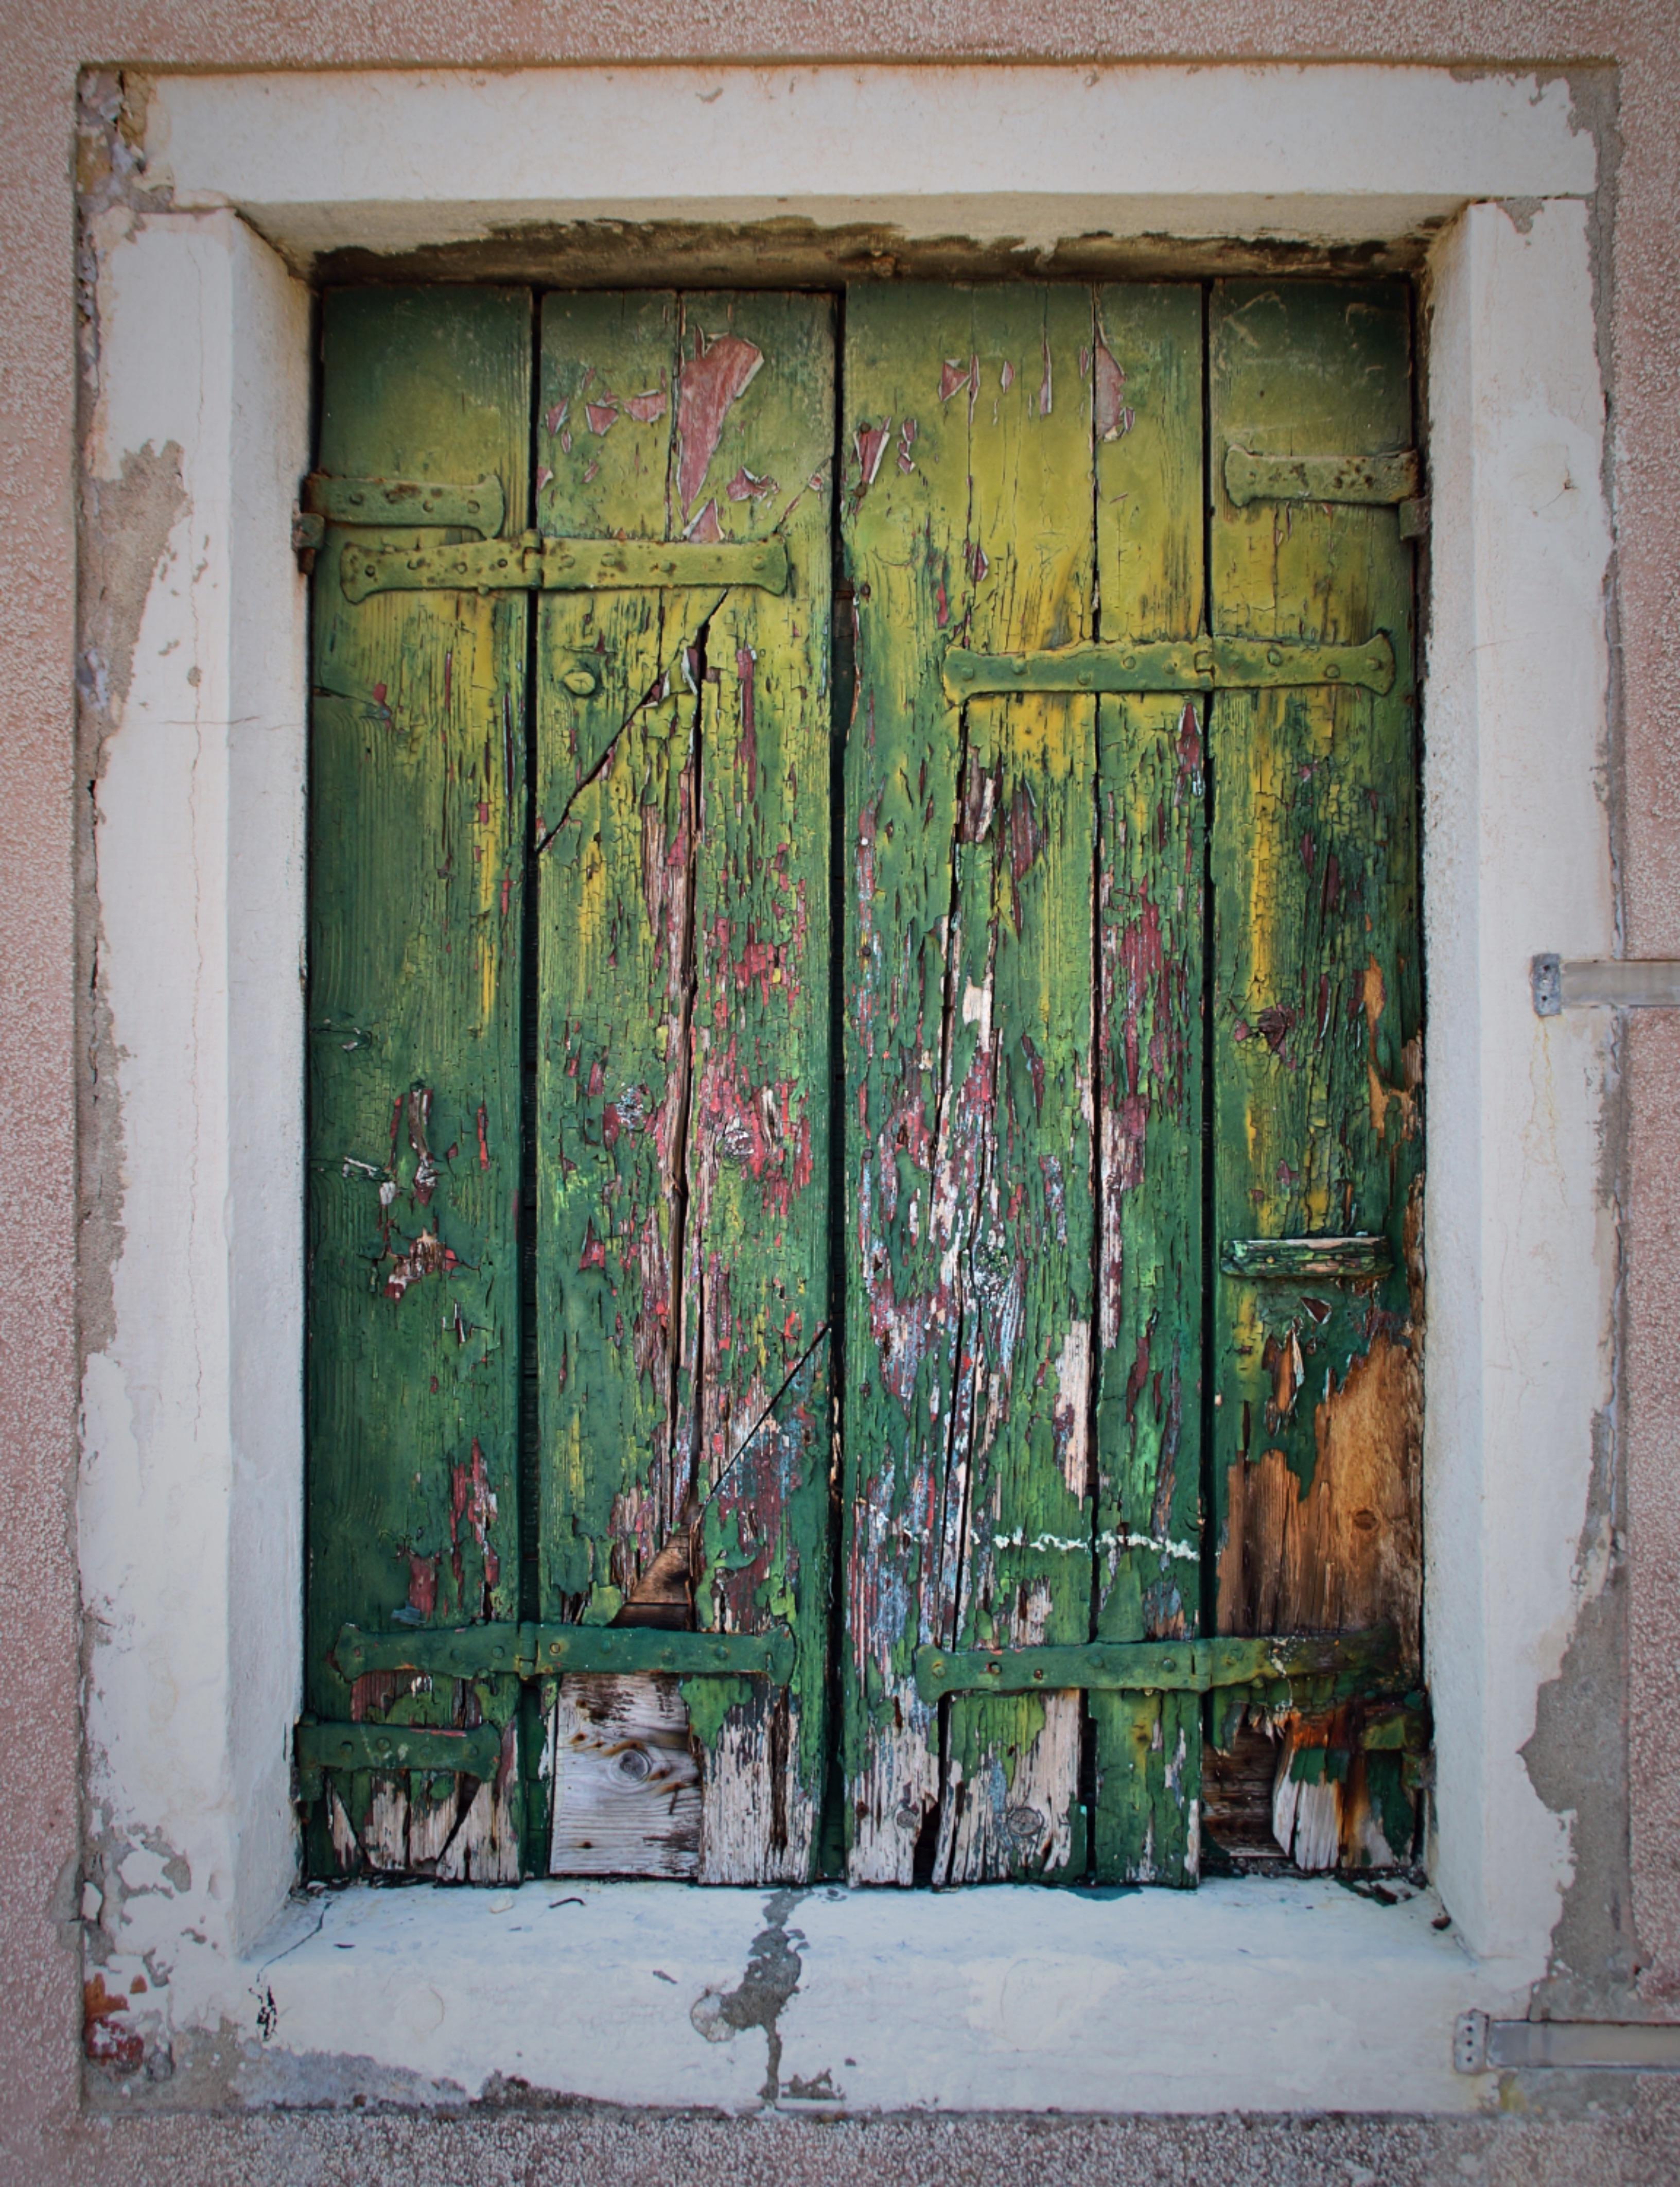 Couleur Façade Maison Ancienne images gratuites : maison, fenêtre, mur, vert, couleur